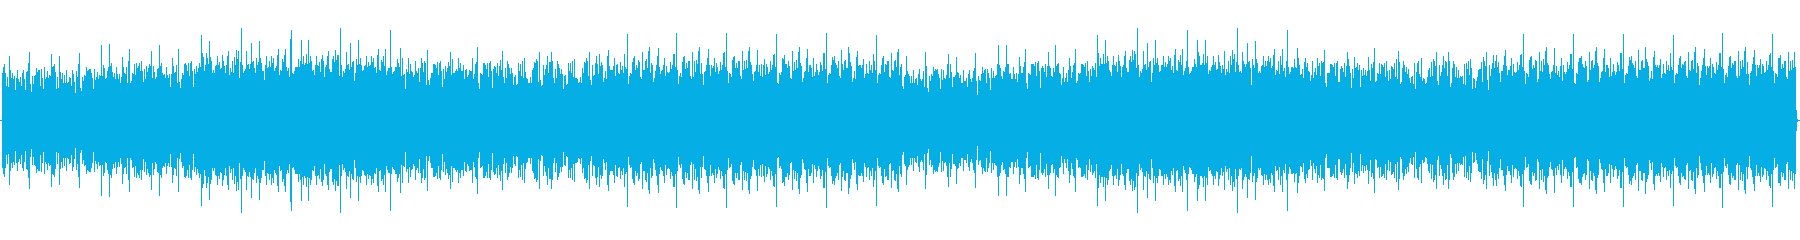 リズムトラックが印象的なダンジョンBGMの再生済みの波形